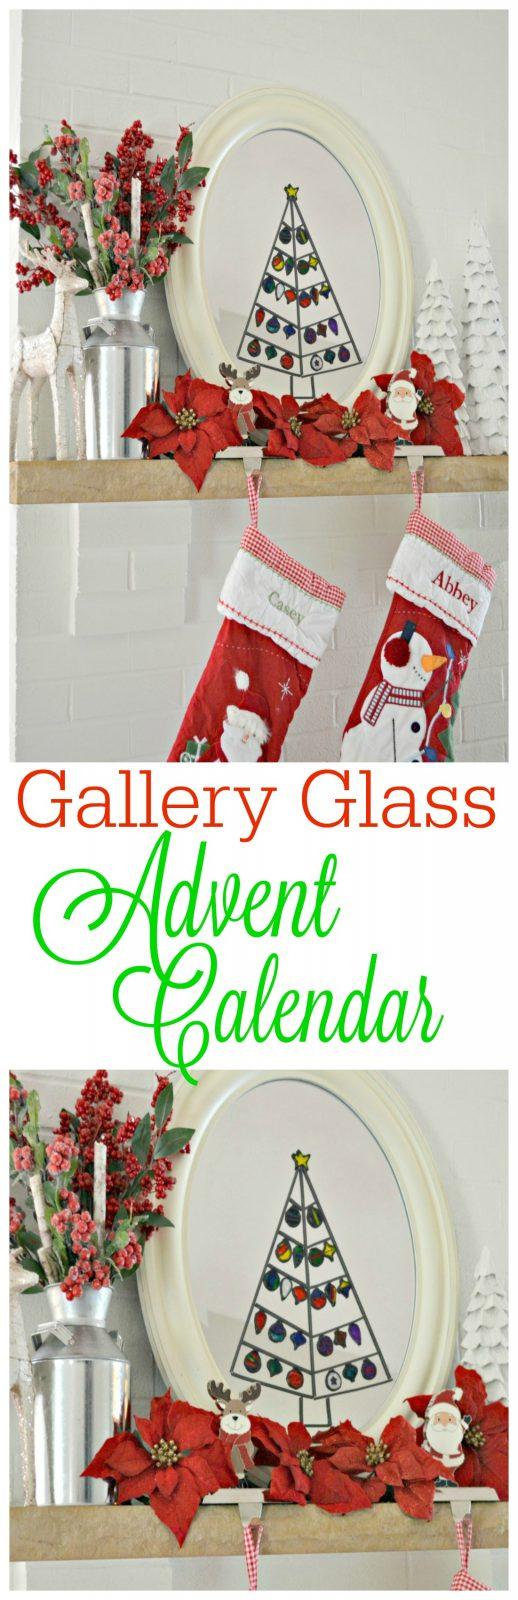 Diy Glass Calendar : Gallery glass advent calendar the cards we drew